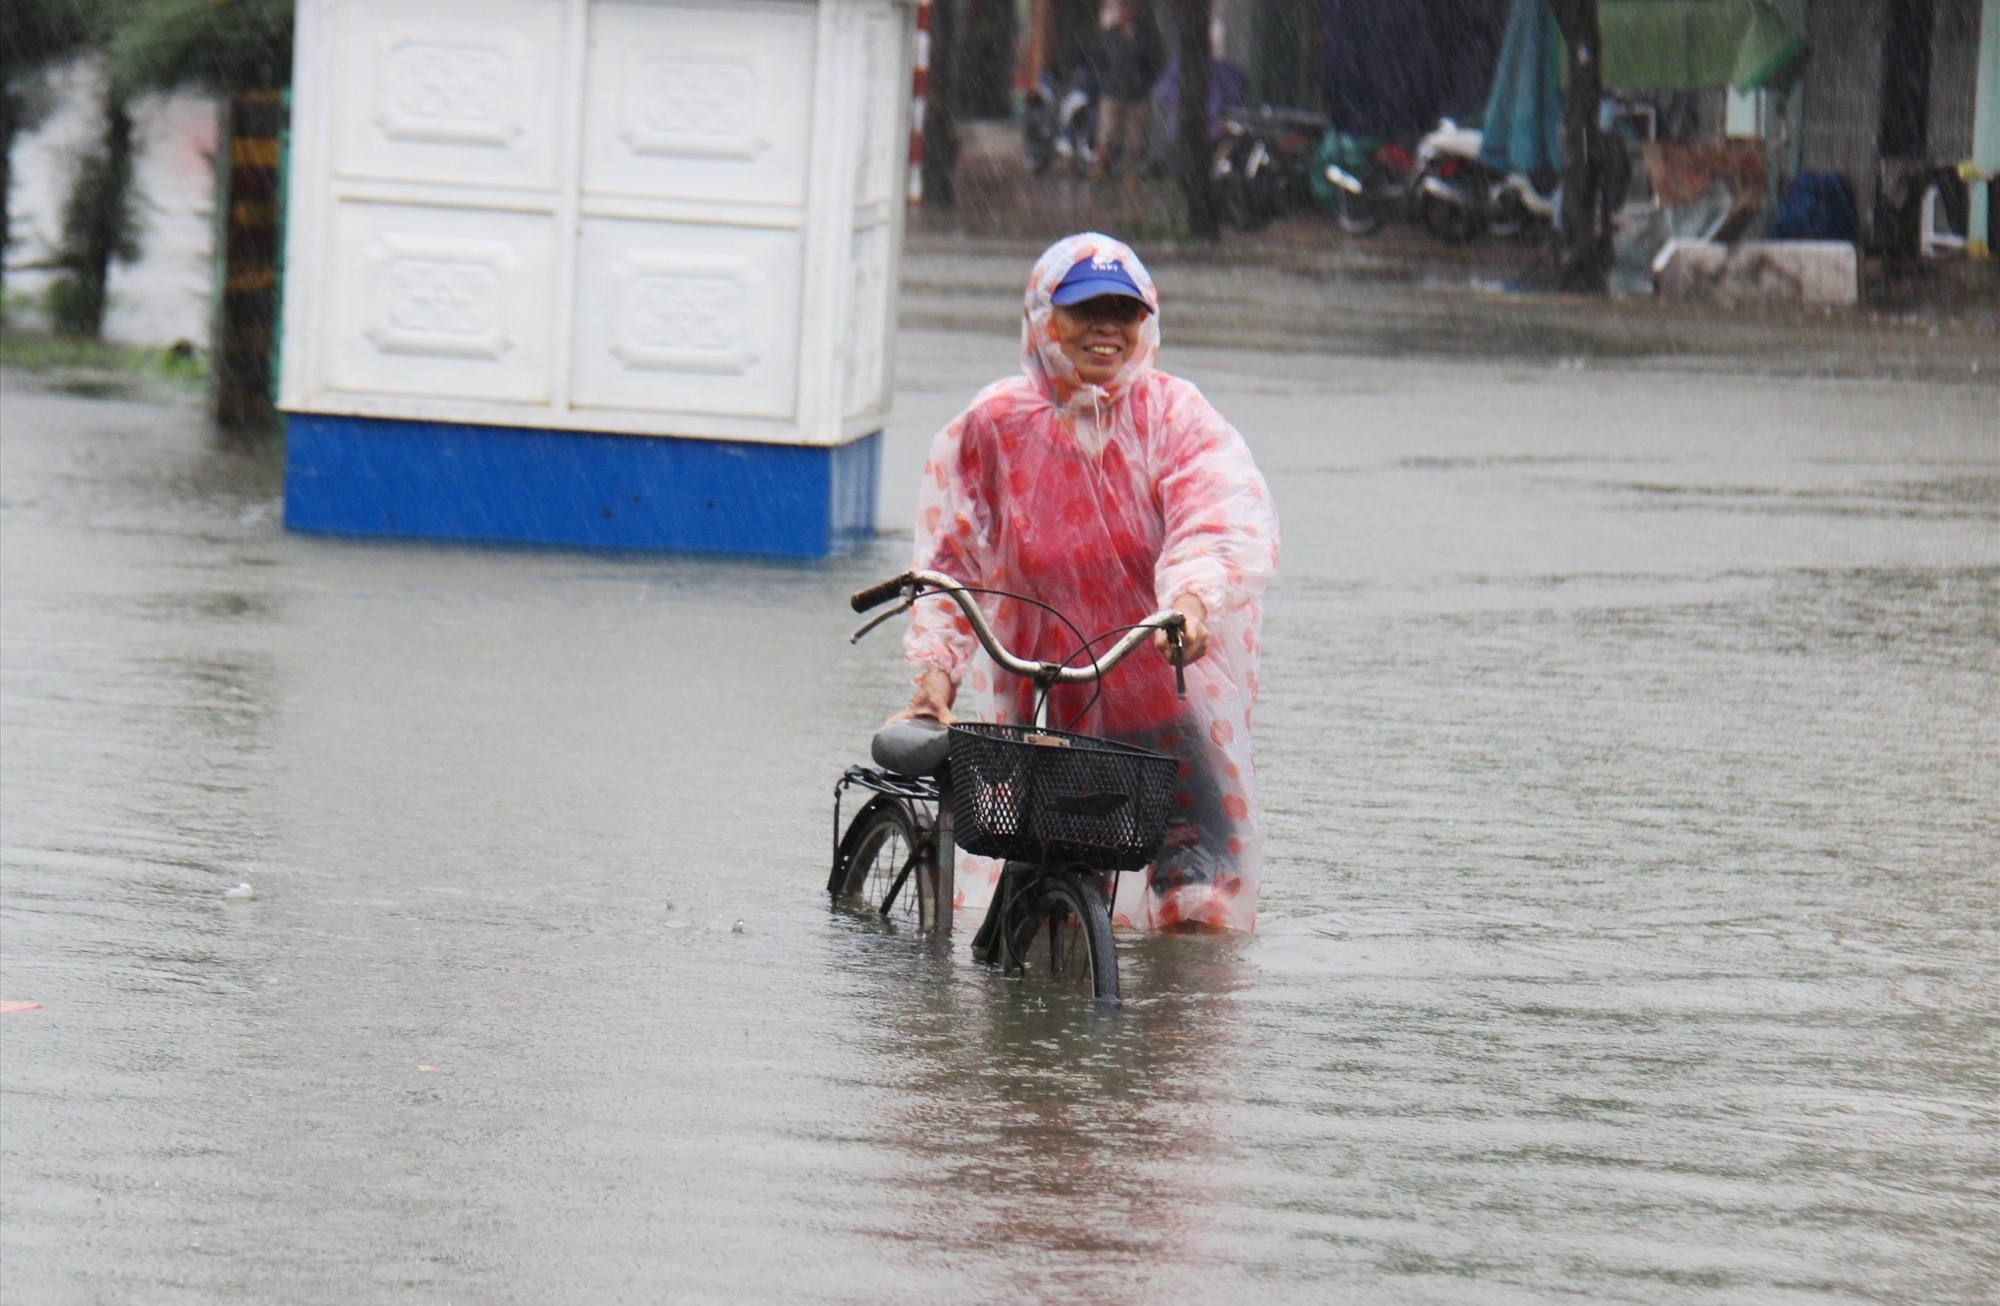 Tuyến đường Phan Đình Phùng,TP Tam Kỳ đoạn qua chợ Tam Kỳ ngập sâu. Ảnh: HOÀI AN